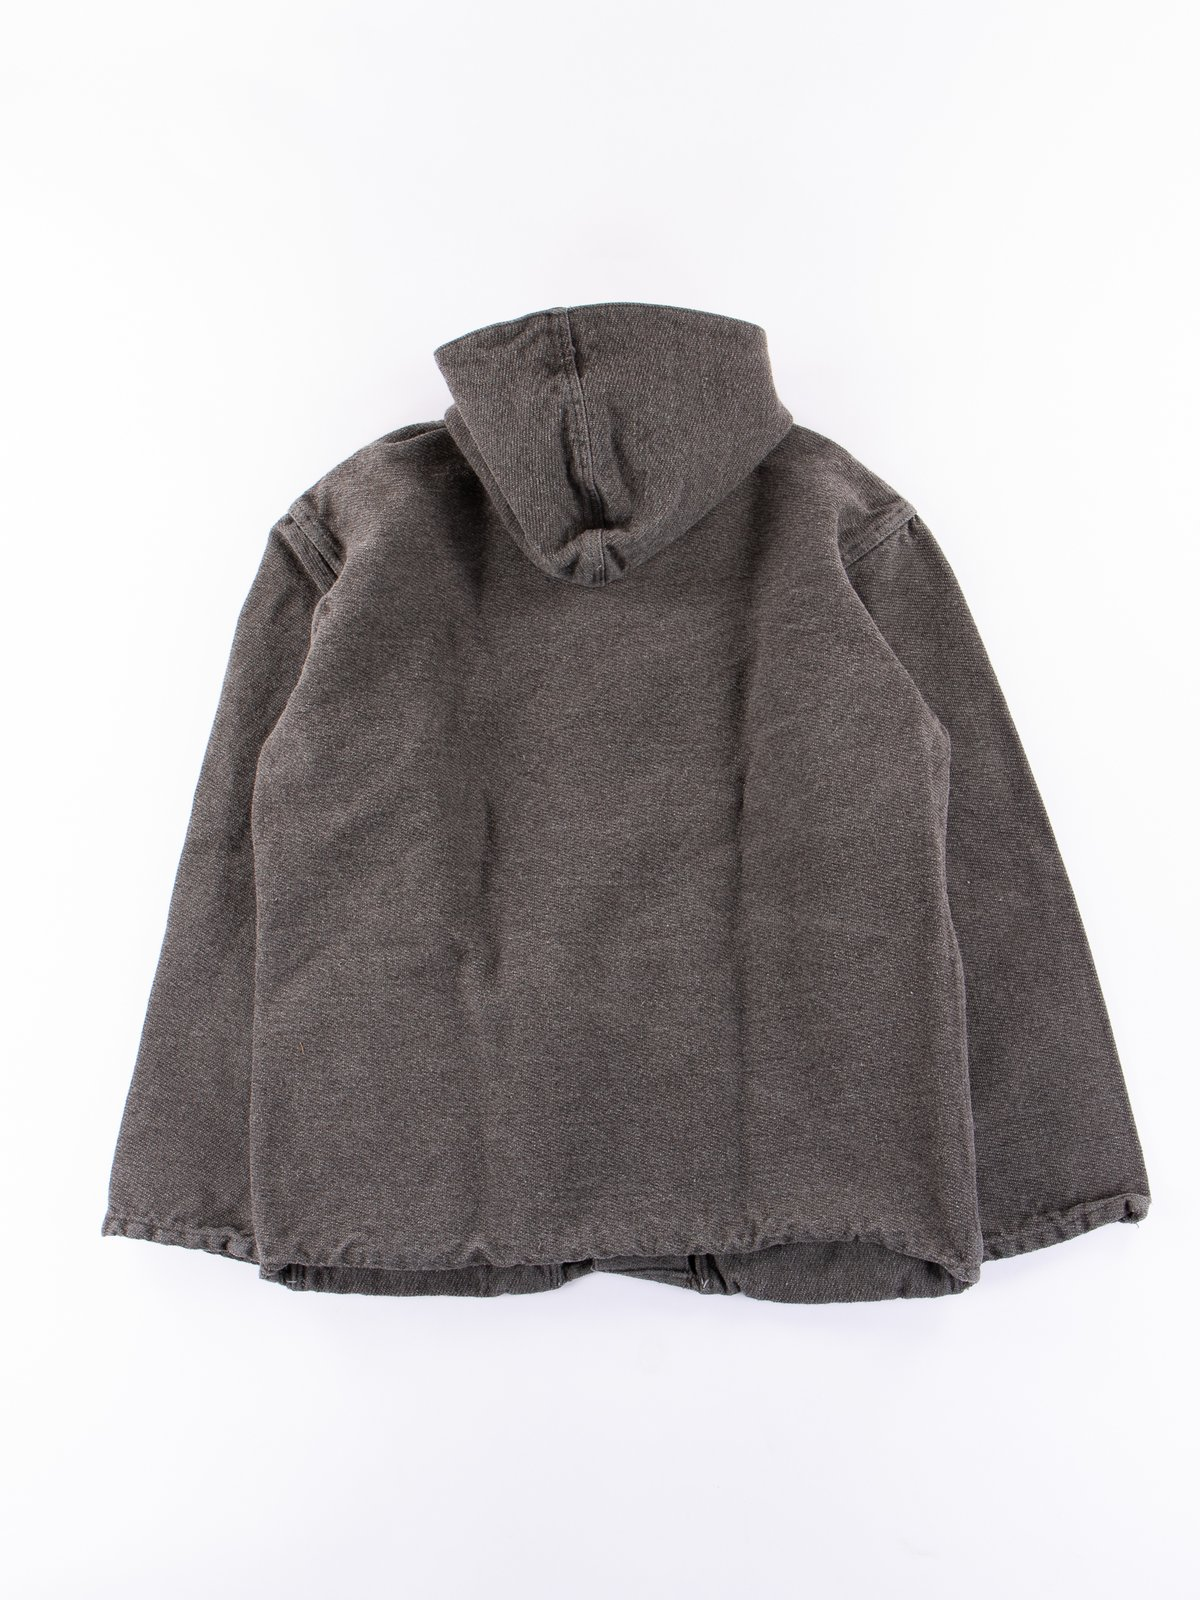 Indian Black Dye Hooded Shepherd's Coat - Image 6